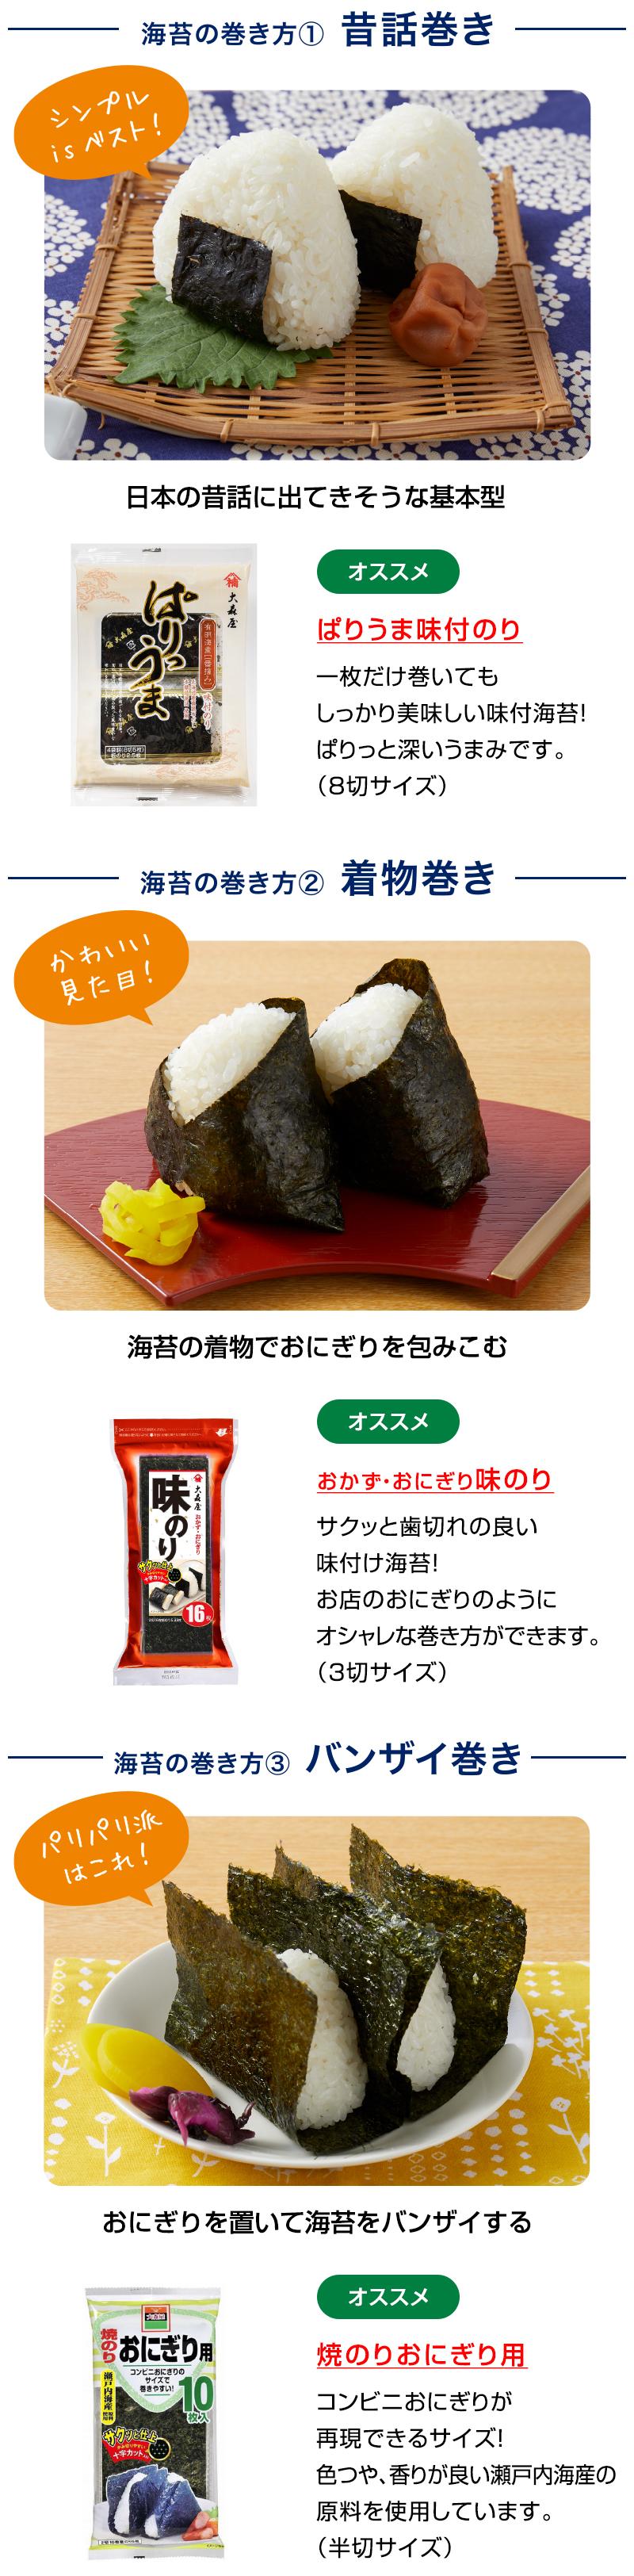 海苔の巻き方① 昔話巻き 日本の昔話に出てきそうな基本型 ぱりうま味付のり 一枚だけ巻いてもしっかり美味しい味付海苔!ぱりっと深いうまみです。 (8切サイズ)/海苔の巻き方② 着物巻き 海苔の着物でおにぎりを包みこむ おかず・おにぎり味のり サクッと歯切れの良い味付け海苔!お店のおにぎりのようにオシャレな巻き方ができます。 (3切サイズ)/海苔の巻き方③ バンザイ巻き おにぎりを置いて海苔をバンザイする 焼のりおにぎり用 コンビニおにぎりが再現できるサイズ!色つや、香りが良い瀬戸内海産の原料を使用しています。 (半切サイズ)